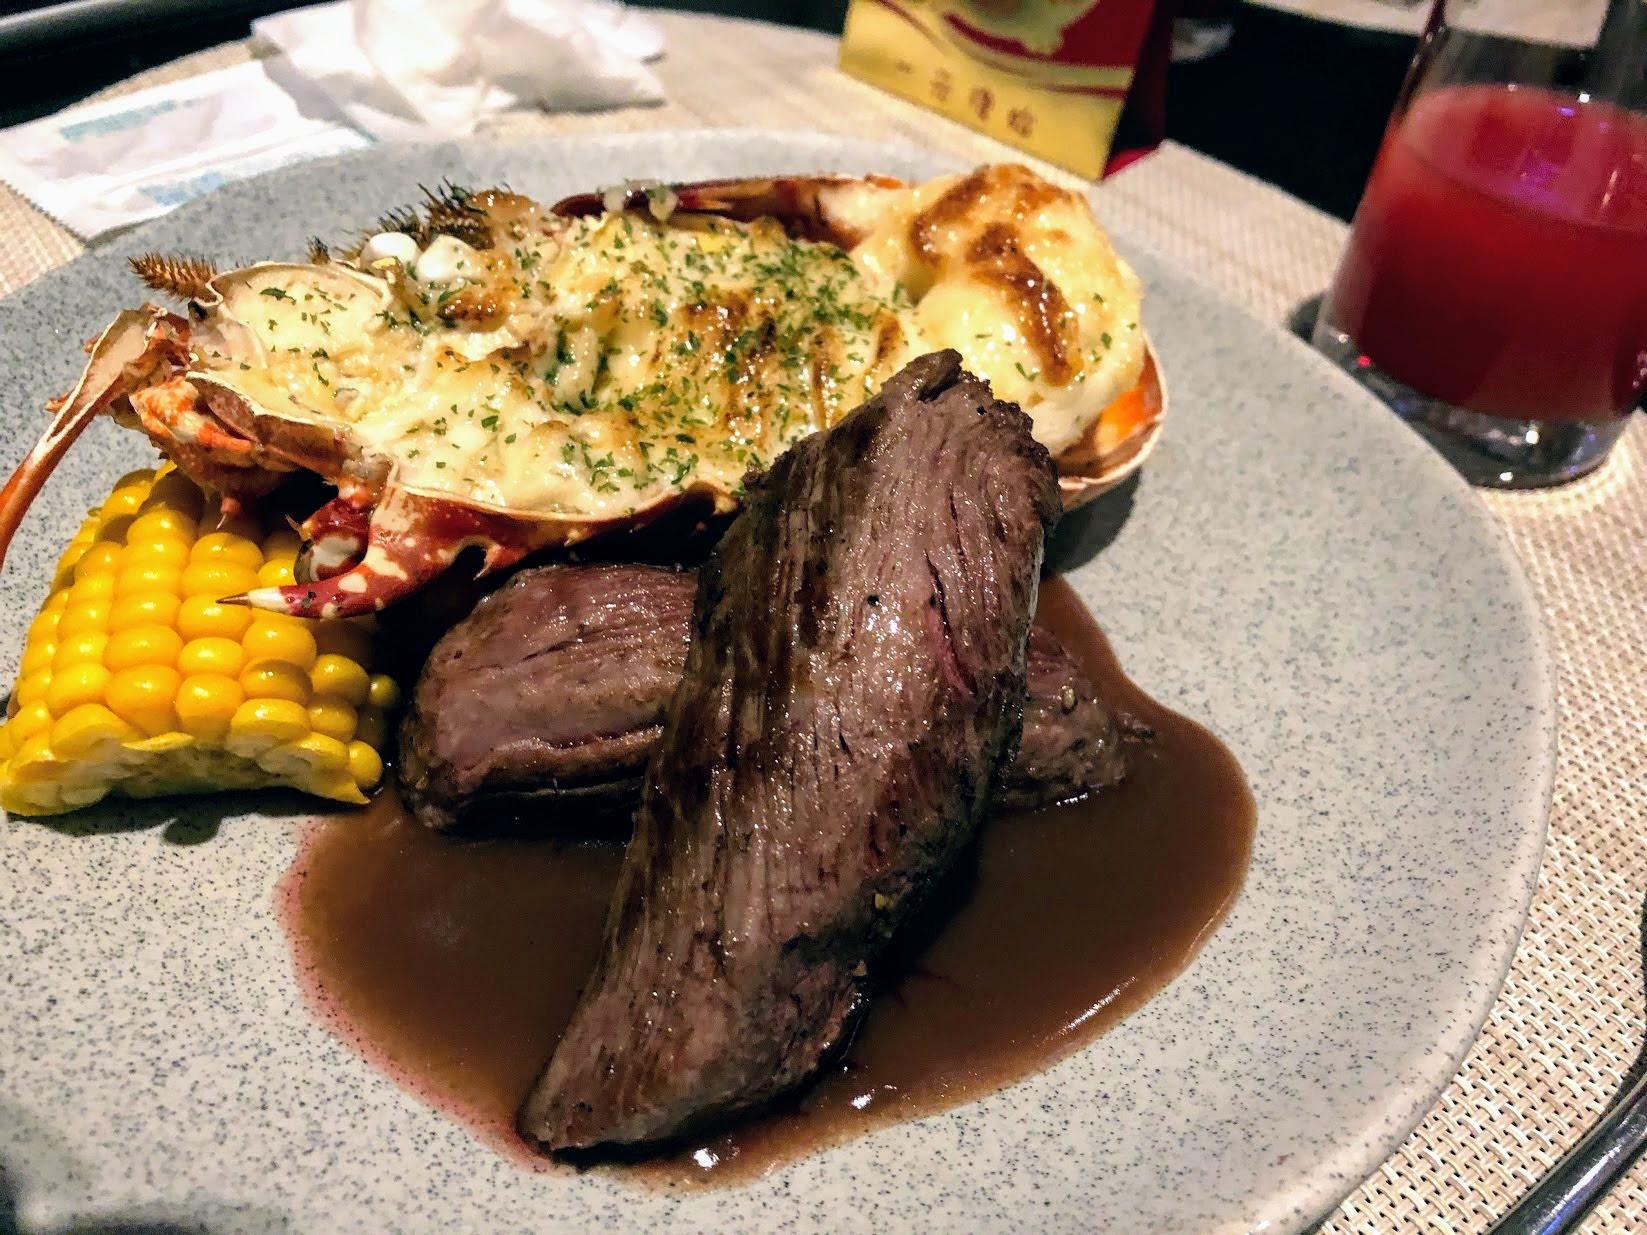 牛排+龍蝦,可惜牛排肉略差一些.....太有嚼勁了XD